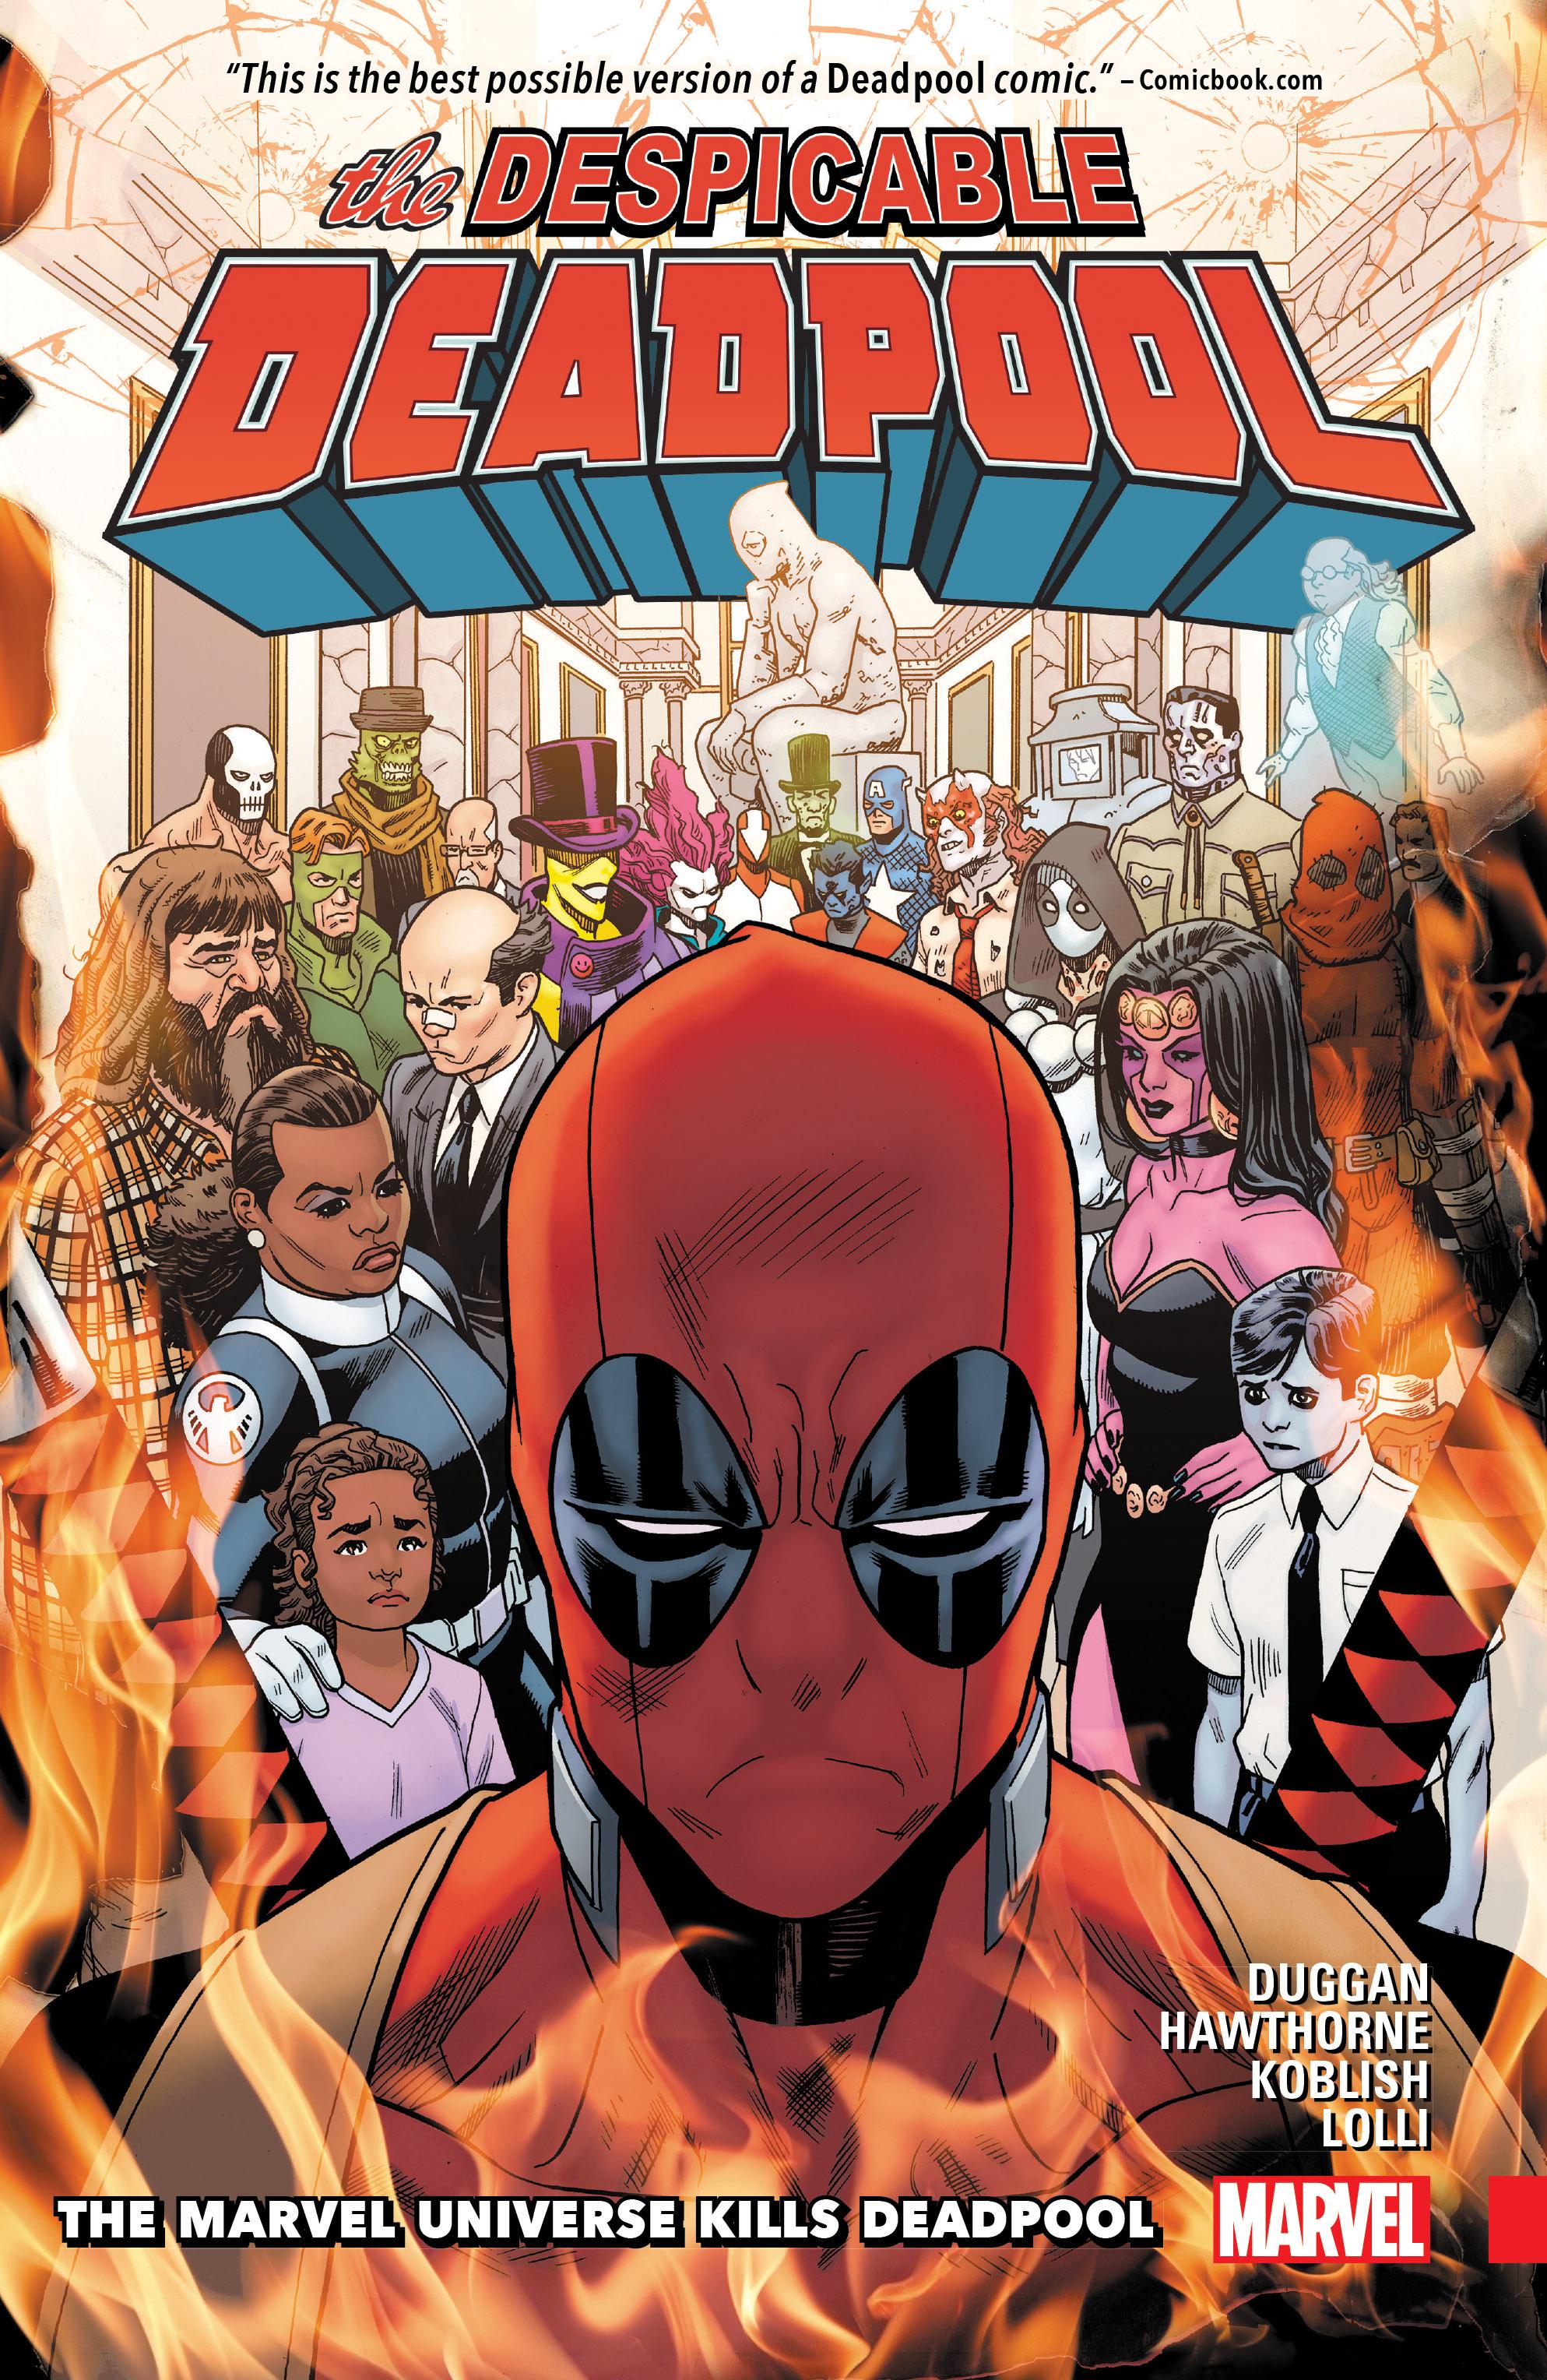 Despicable Deadpool Vol. 3: The Marvel Universe Kills Deadpool (Trade Paperback)